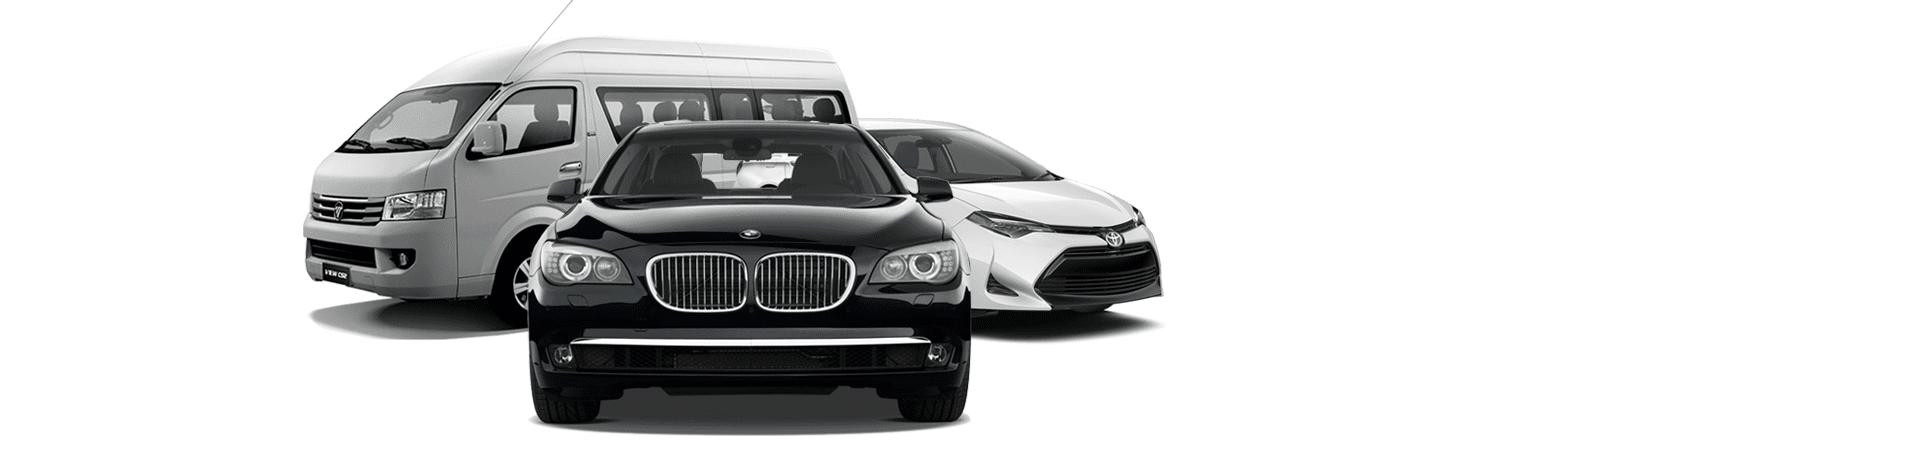 Rent A Car Karachi | No.1 Car Rental Company | PakCarRentals.com